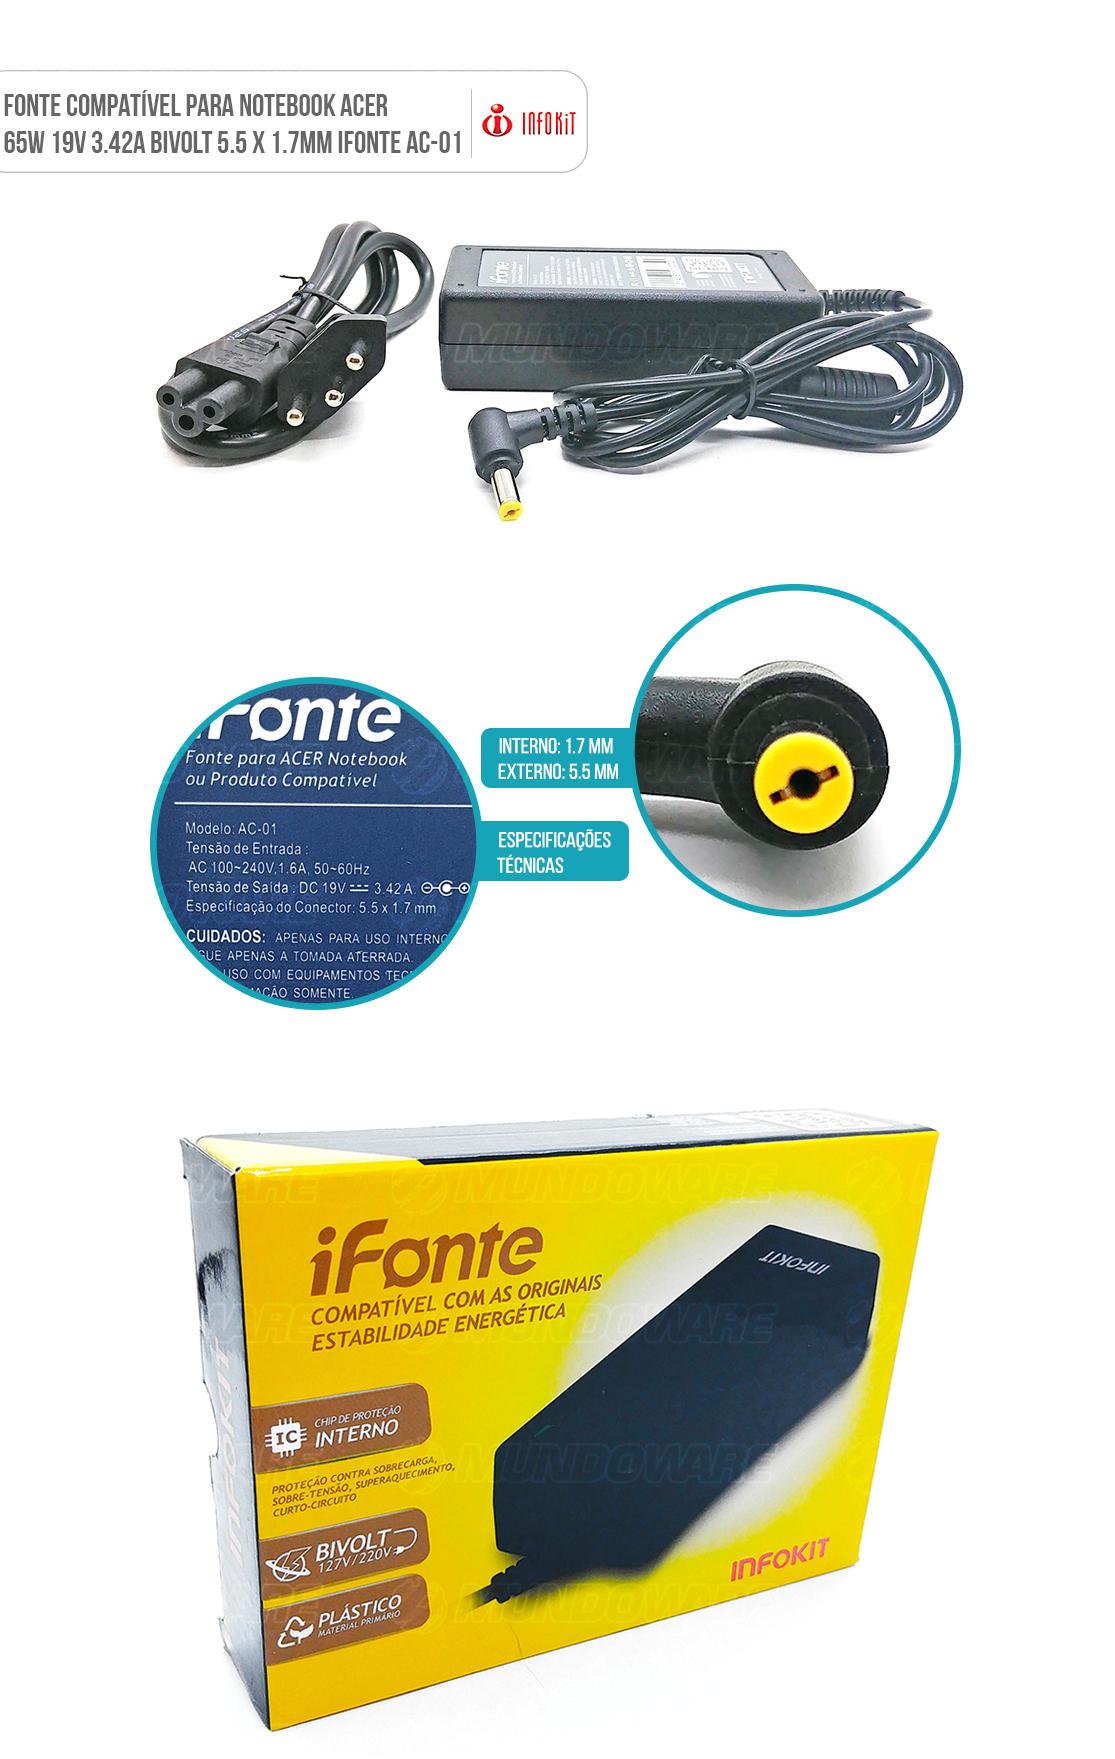 Fonte Carregador para Notebook Compatível com marca Acer conector pino amarelo